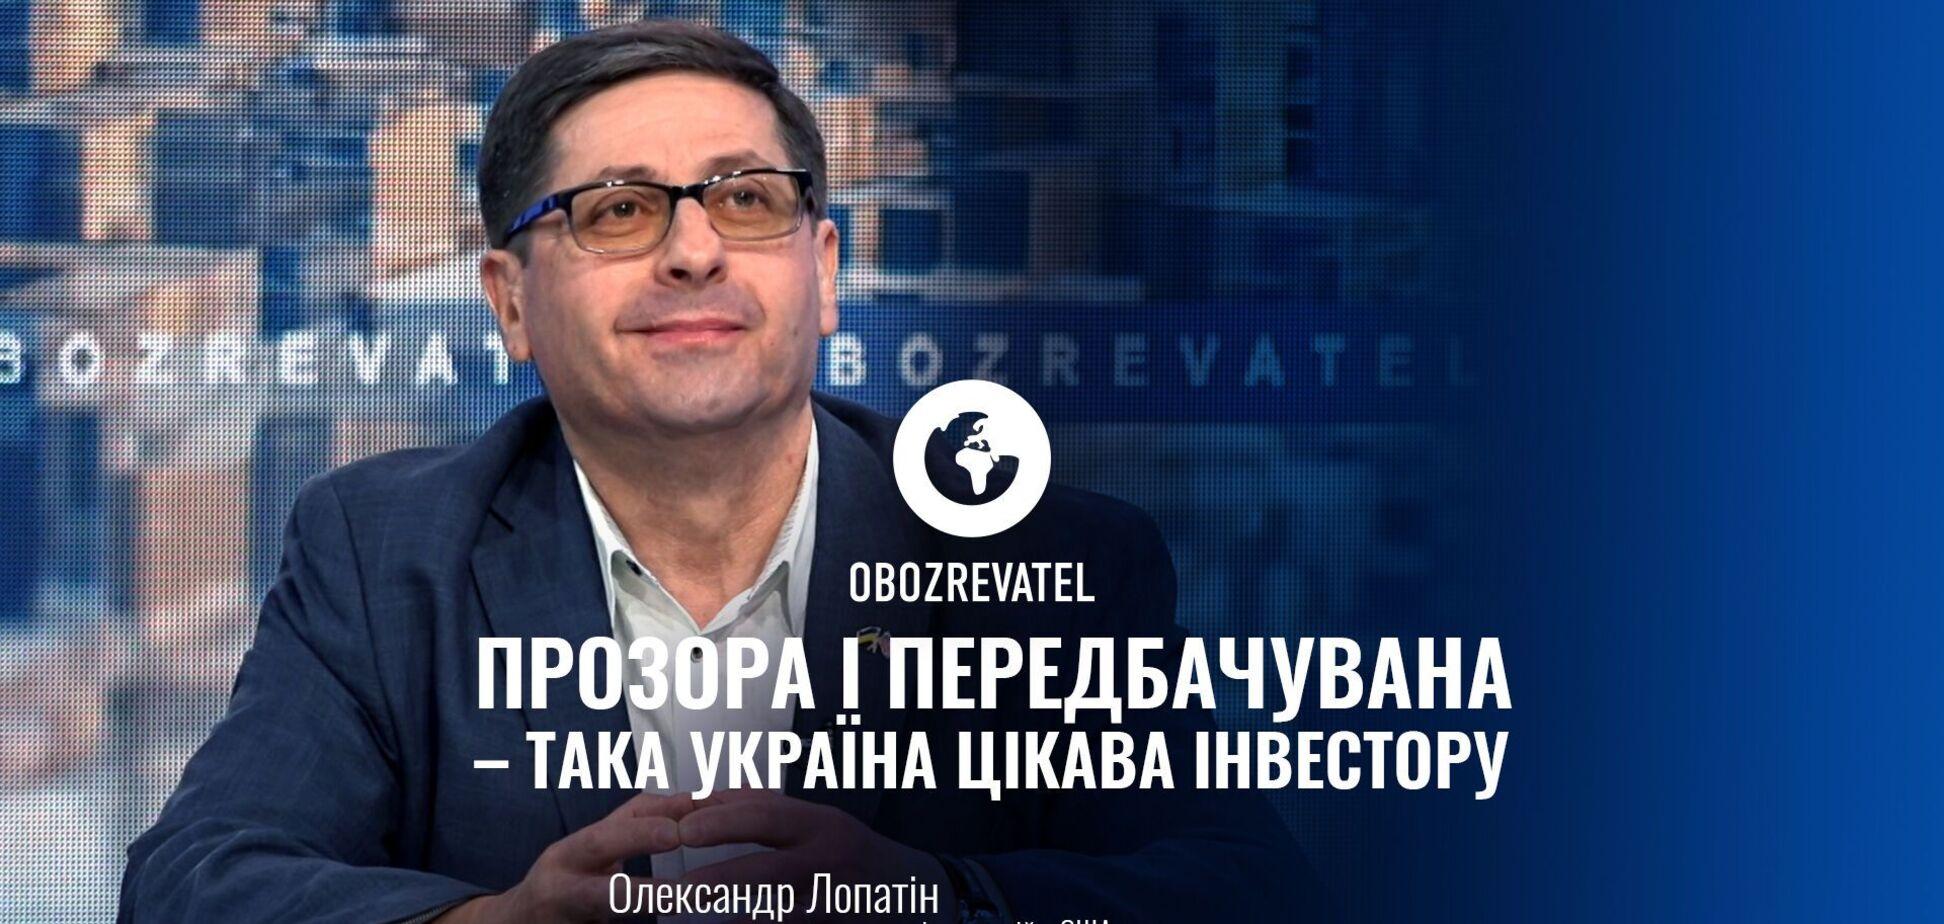 Место Украины в процессах восстановления трансатлантического сотрудничества ЕС и США